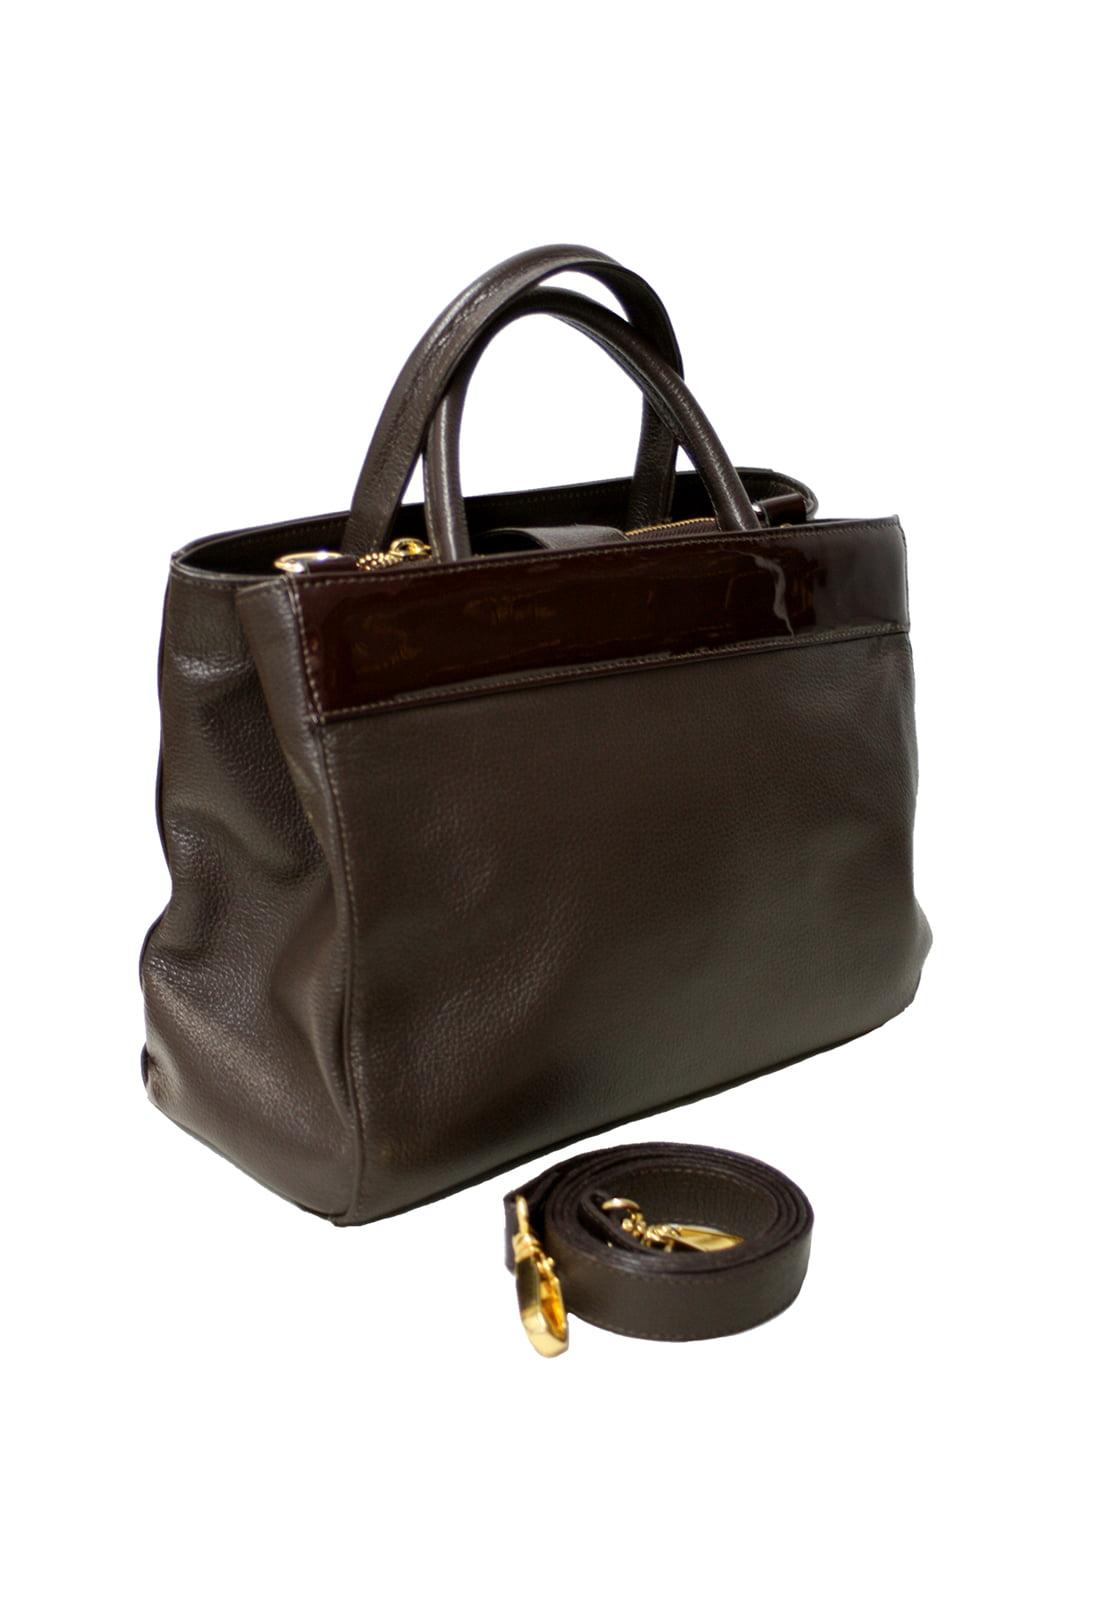 Bolsa satchel em couro café Bruxelas